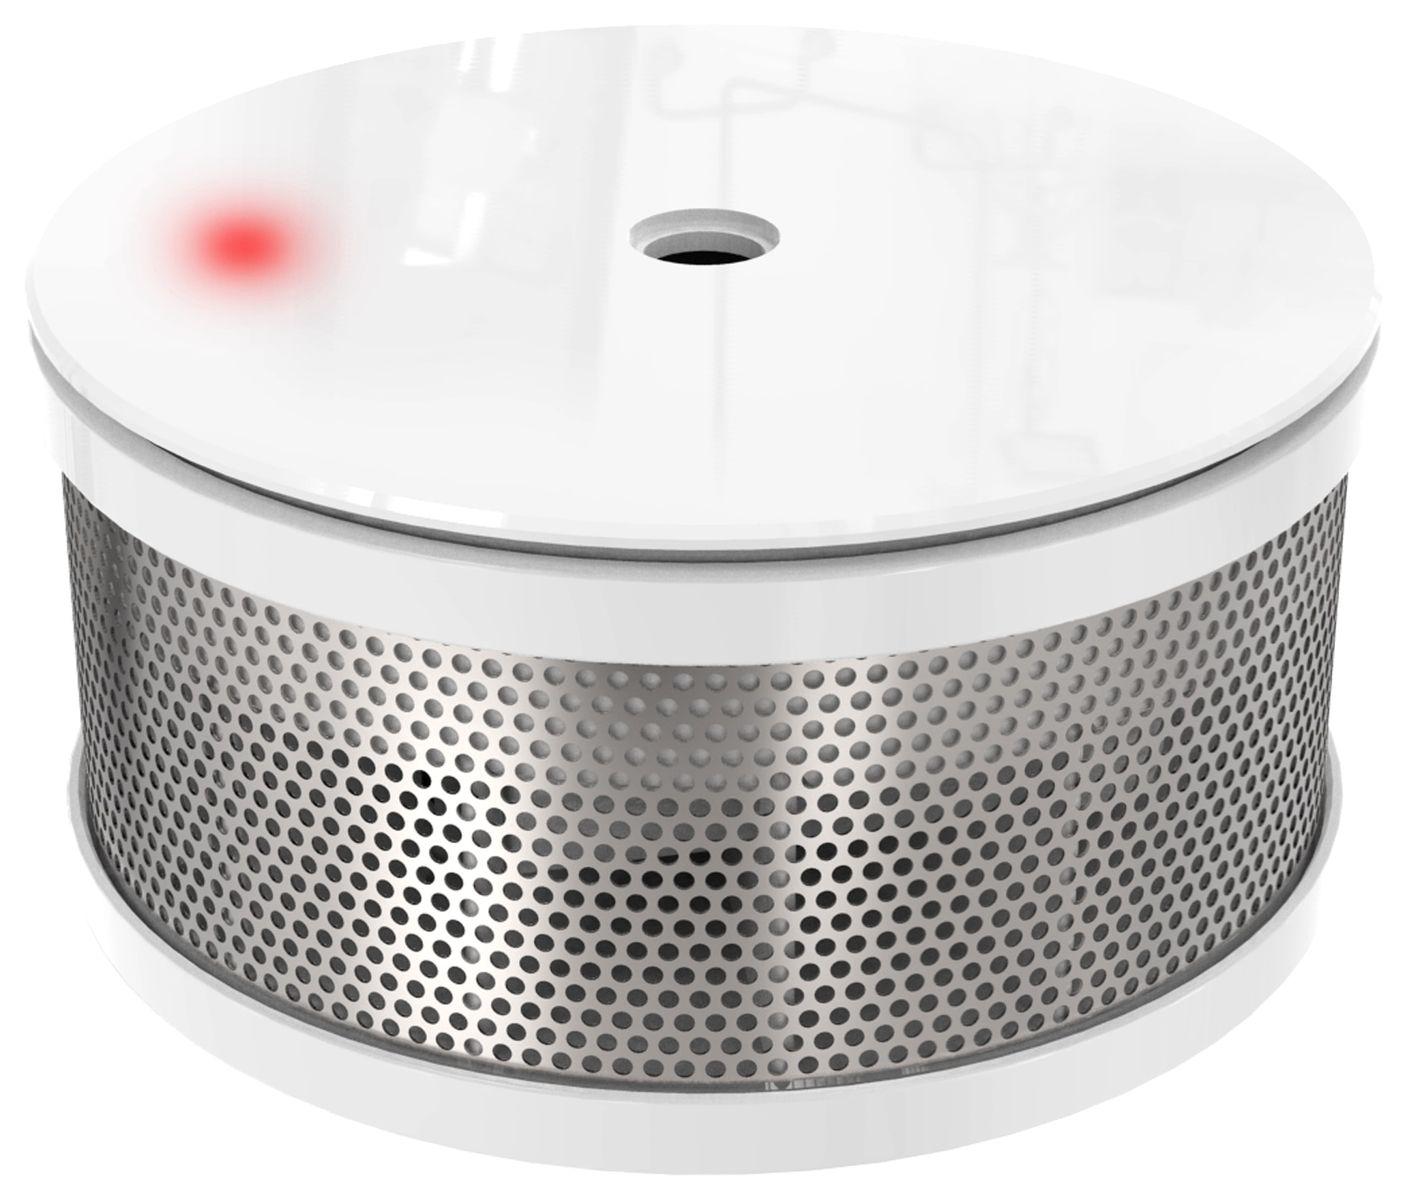 rauchmelder cordes cc 7 vds mini rauchmelder online kaufen. Black Bedroom Furniture Sets. Home Design Ideas